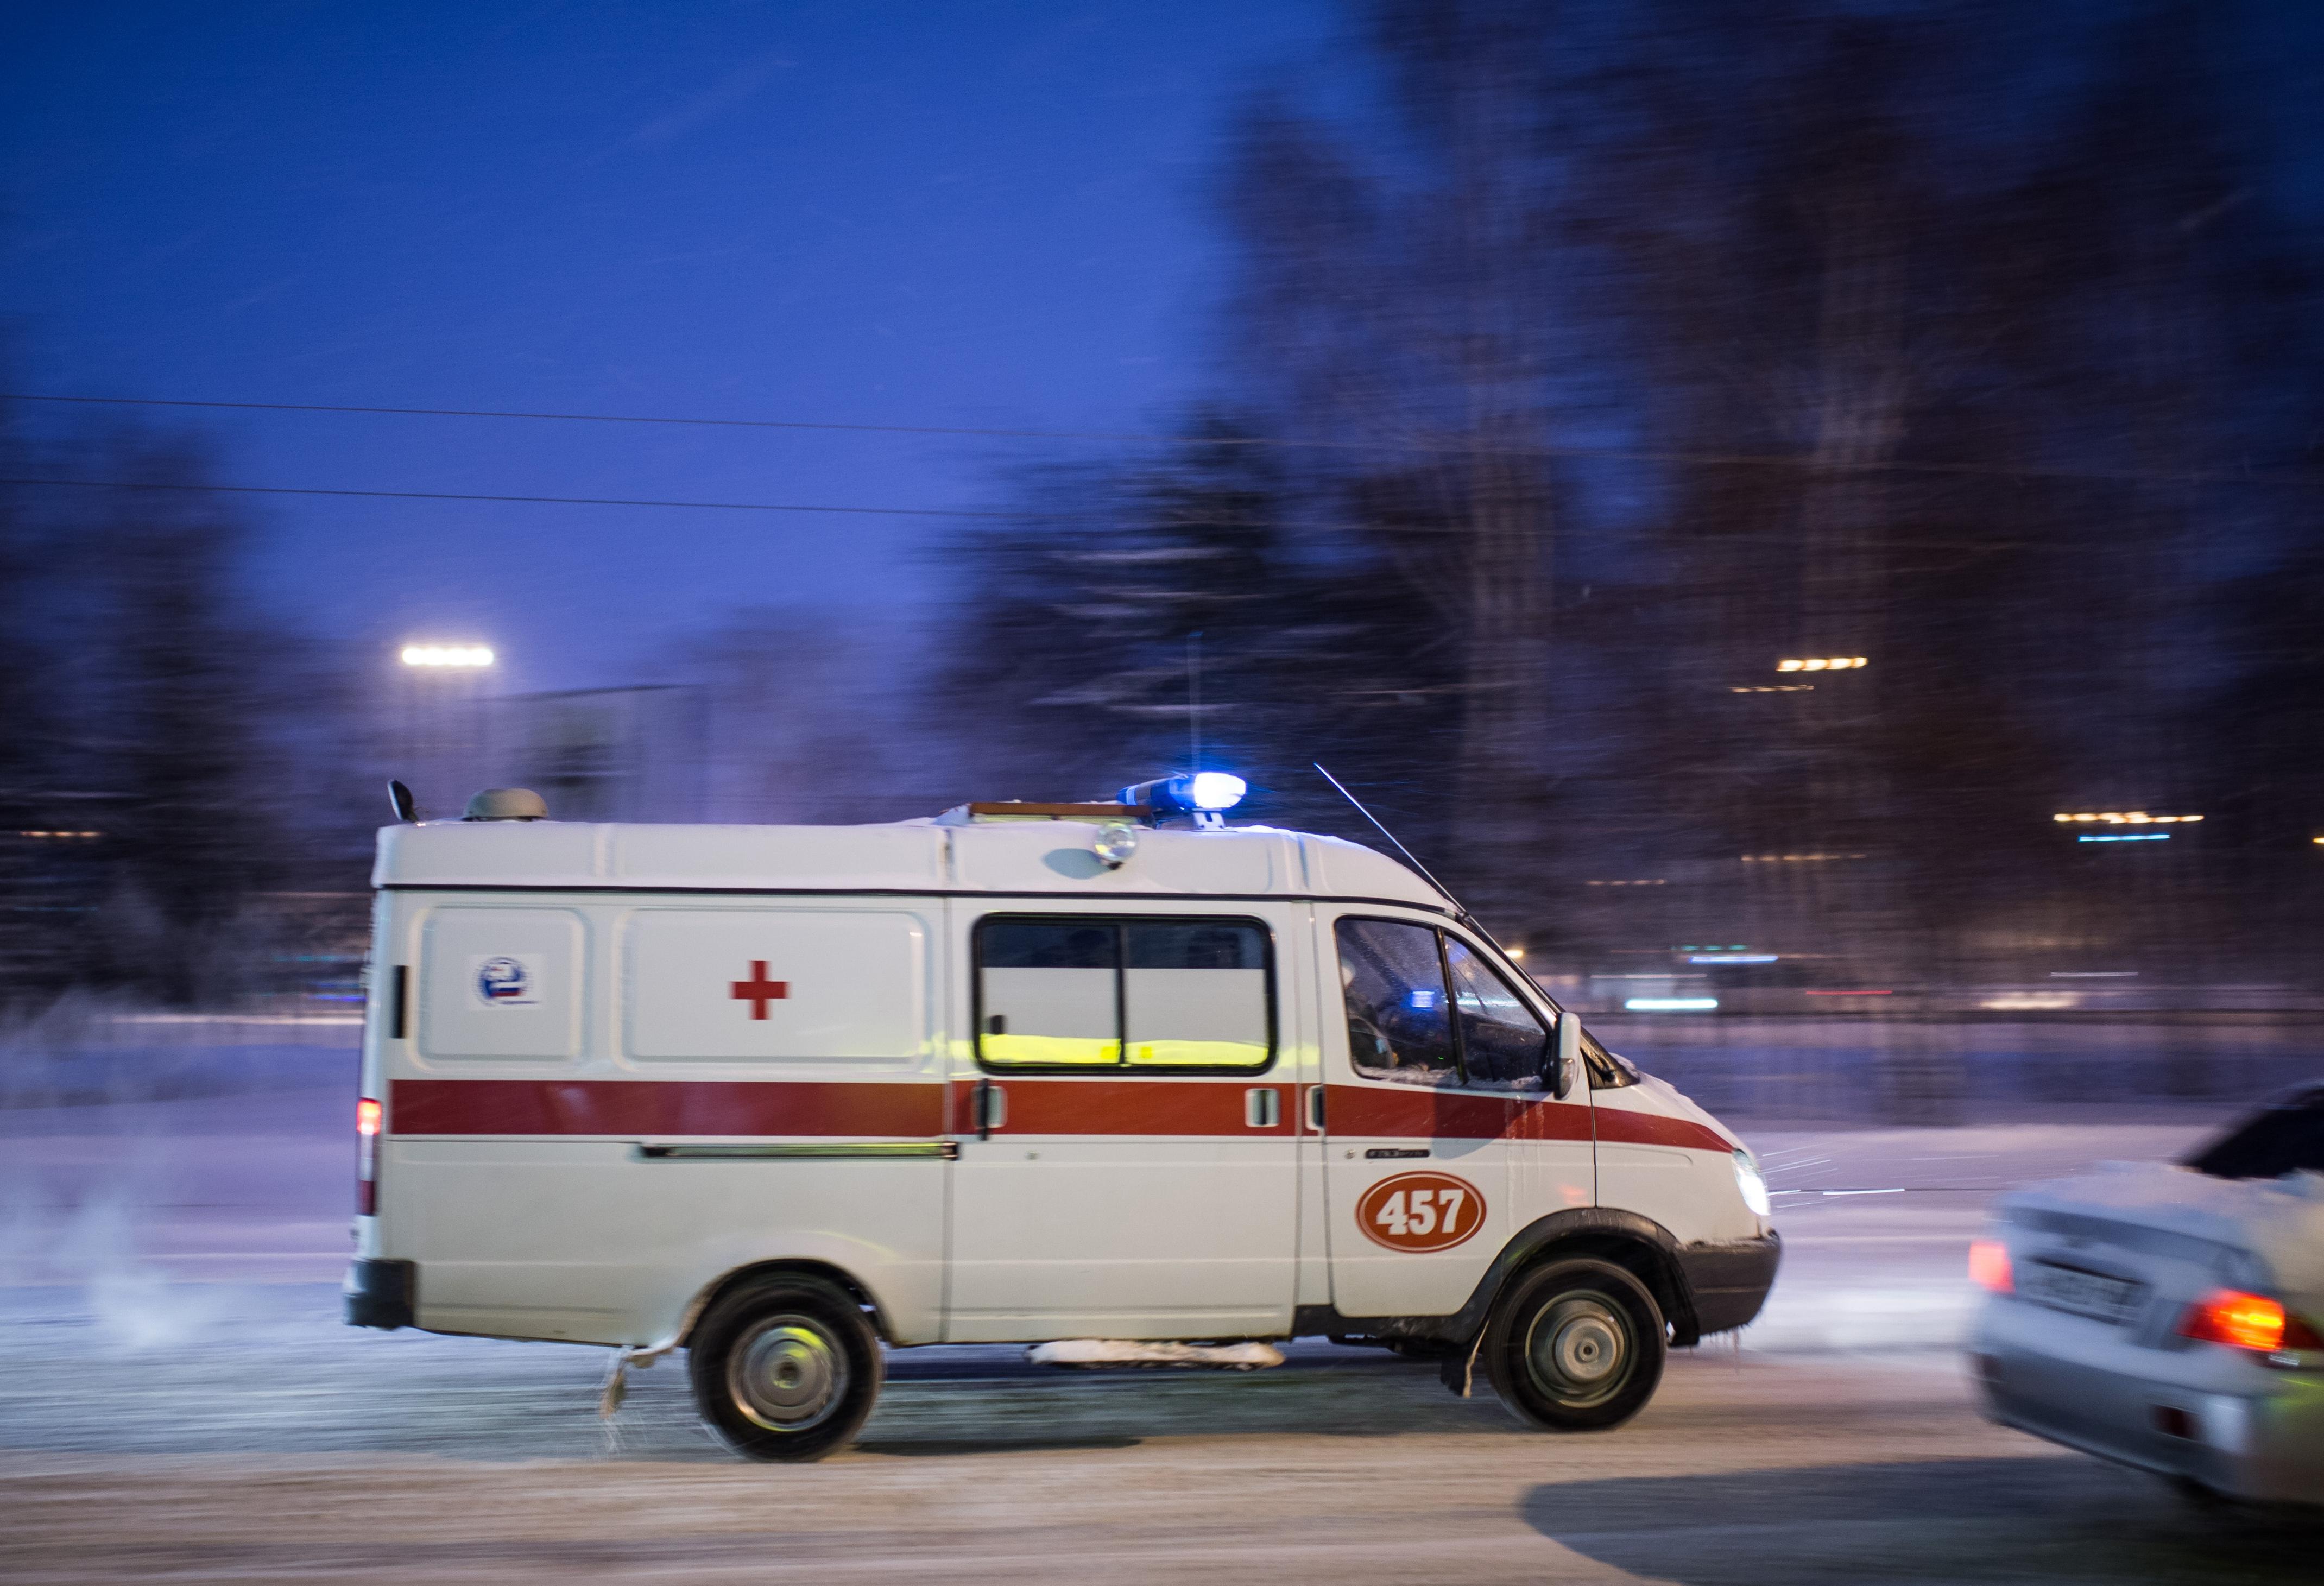 Пьяный пациент с ножом угрожал убийством фельдшеру «скорой»